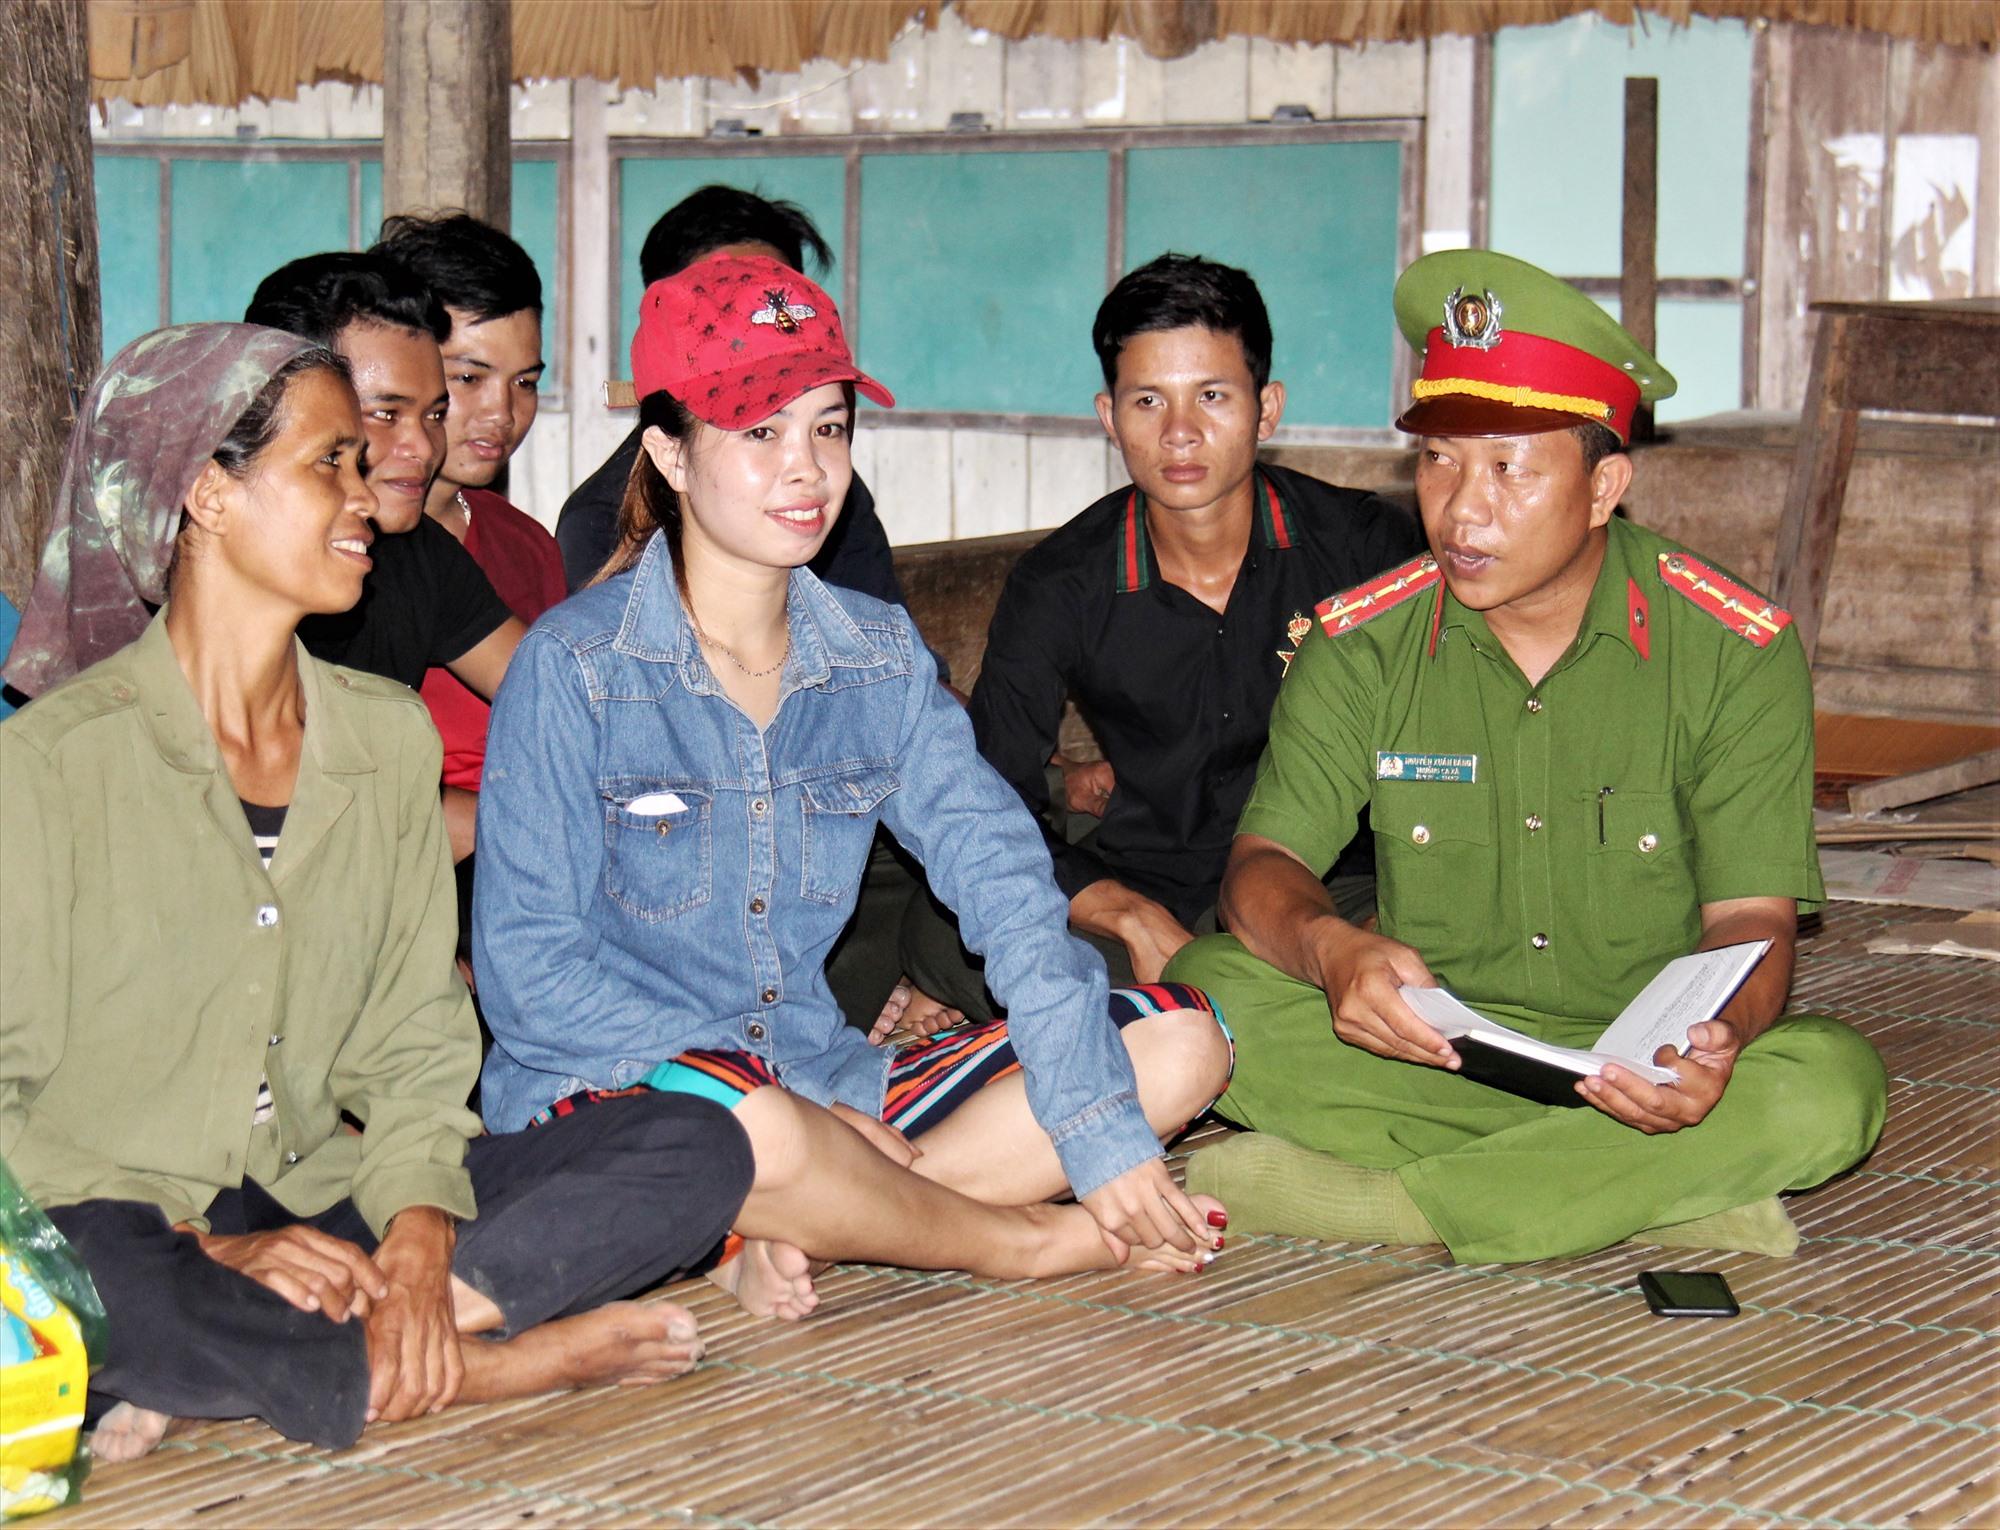 Đại úy Nguyễn Xuân Bằng - Trưởng Công an xã Chà Vàl (huyện Nam Giang) tuyên truyền pháp luật cho người dân thôn A Bát. Ảnh: HOÀI AN